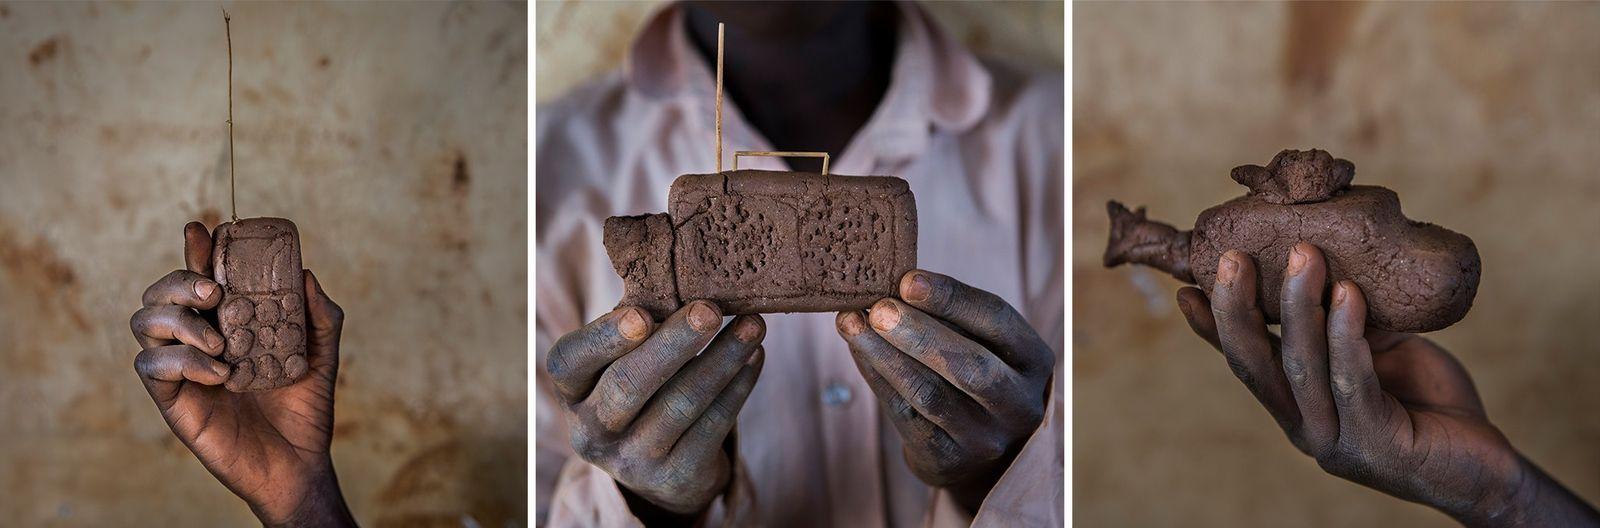 Um telemóvel, um rádio e um helicóptero, todos feitos de lama, demonstram o engenho dos ...